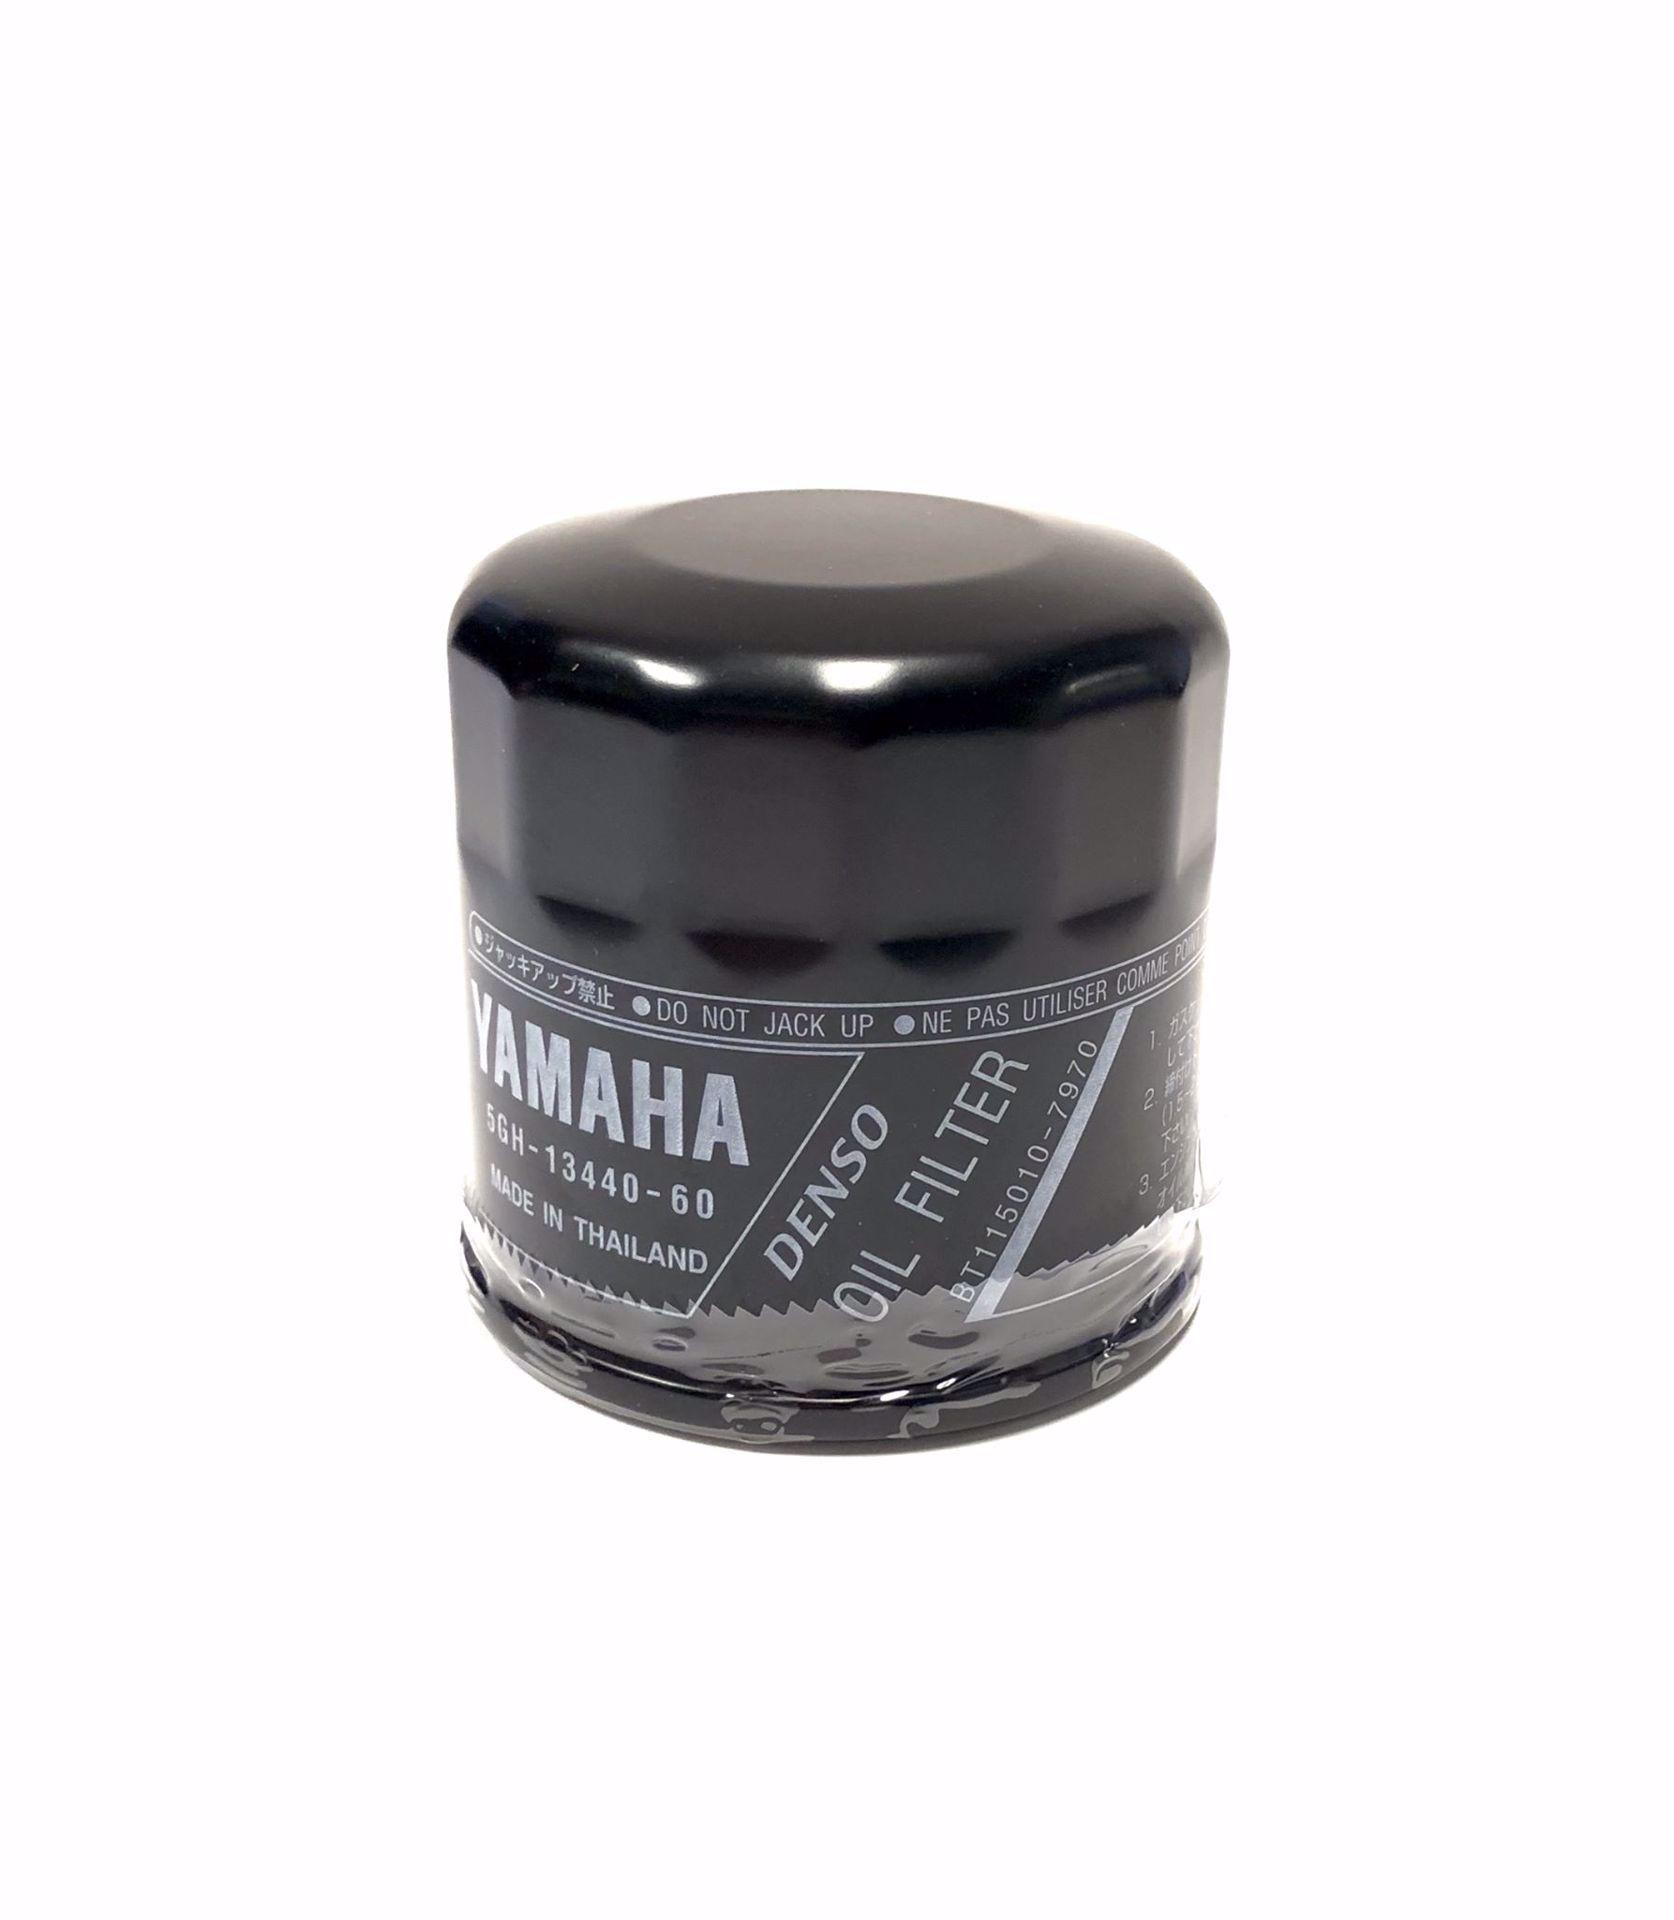 Bilde av Yamaha Oljefilter 5GH-13440-61